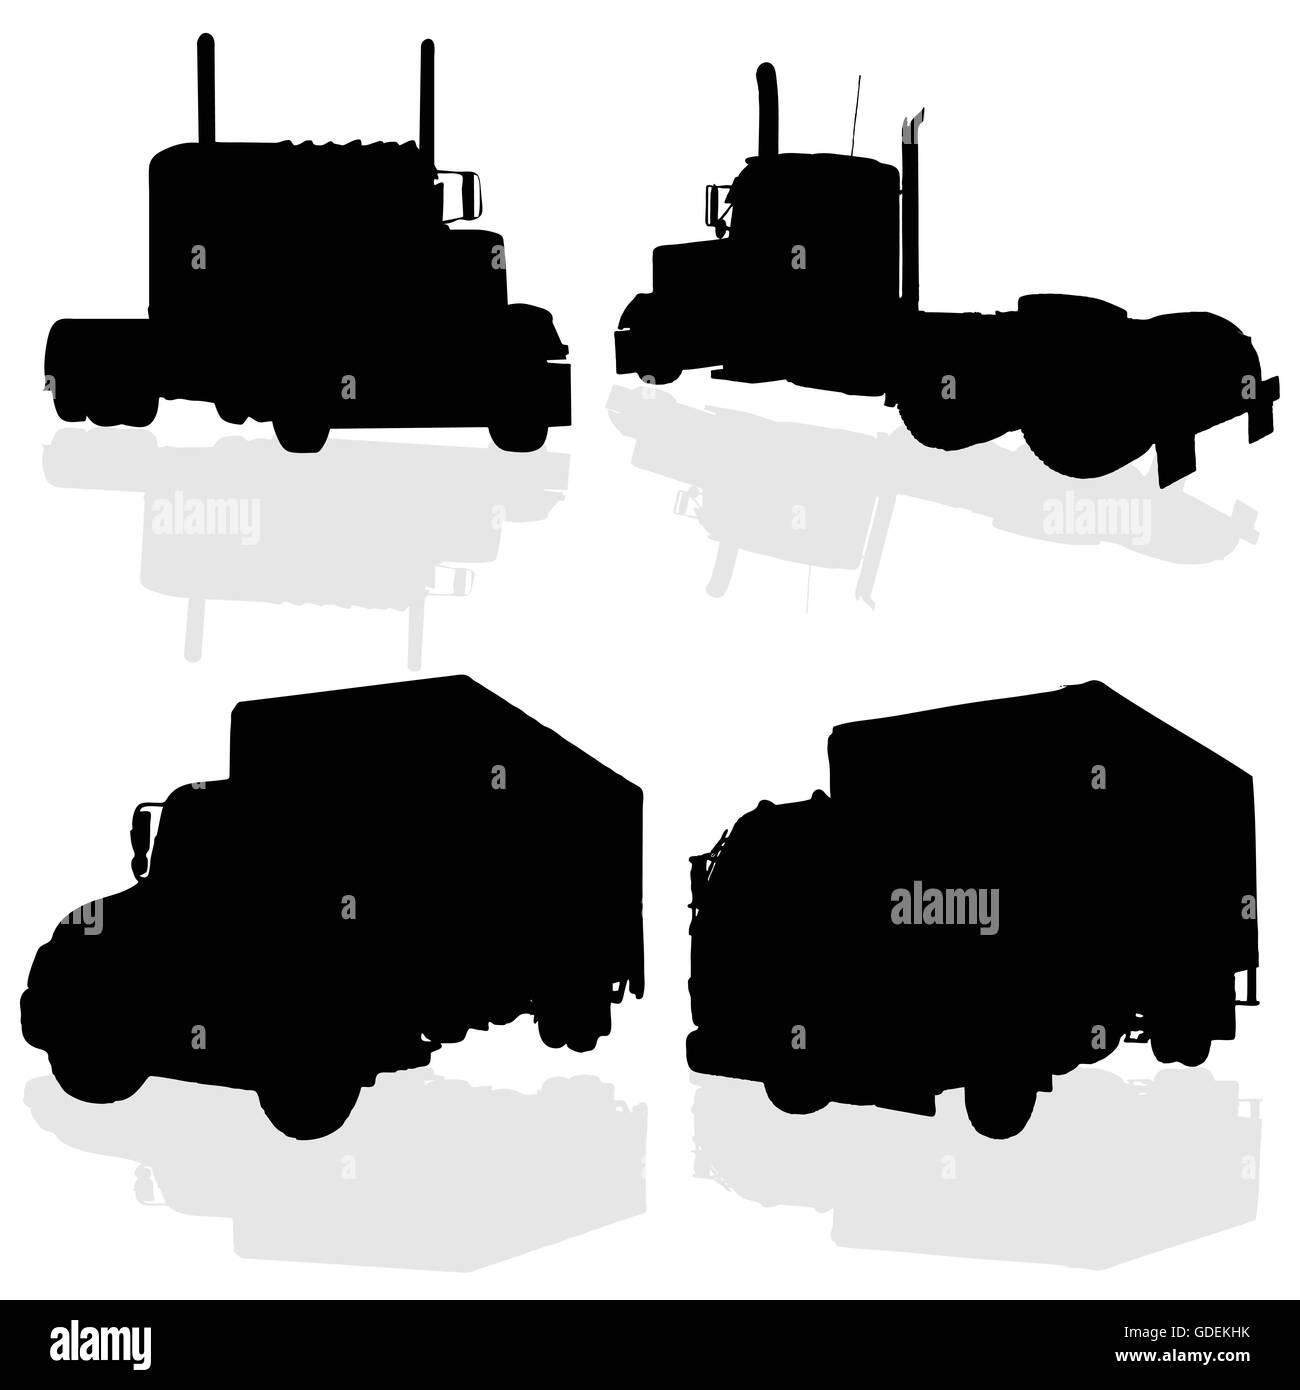 truck black silhouette art of vector illustration on white - Stock Vector